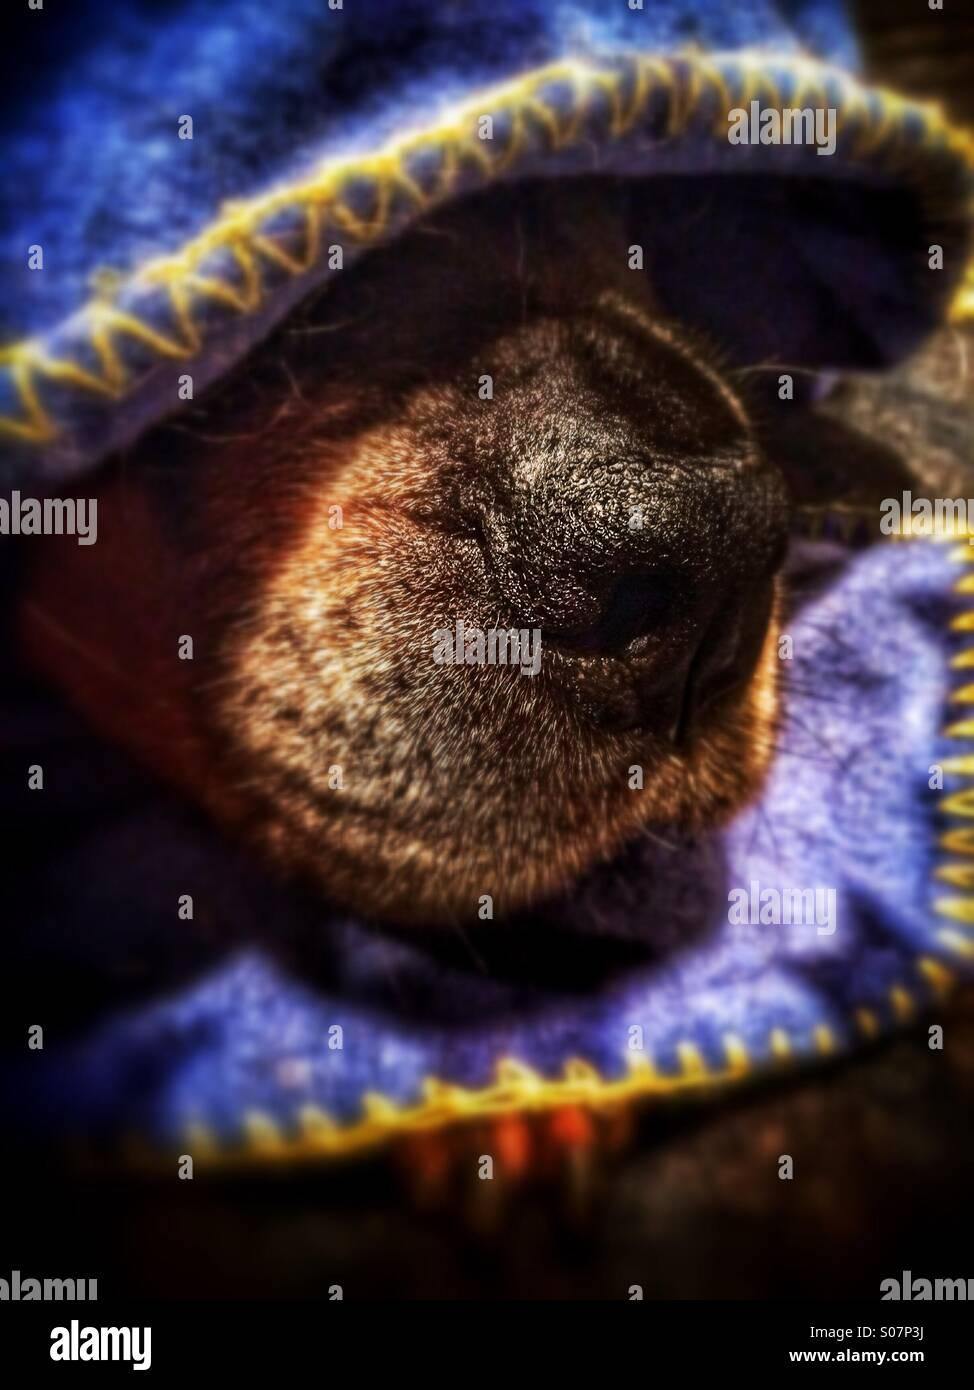 Rottweiler Hund unter Decke aufschlussreiche Nase Stockbild